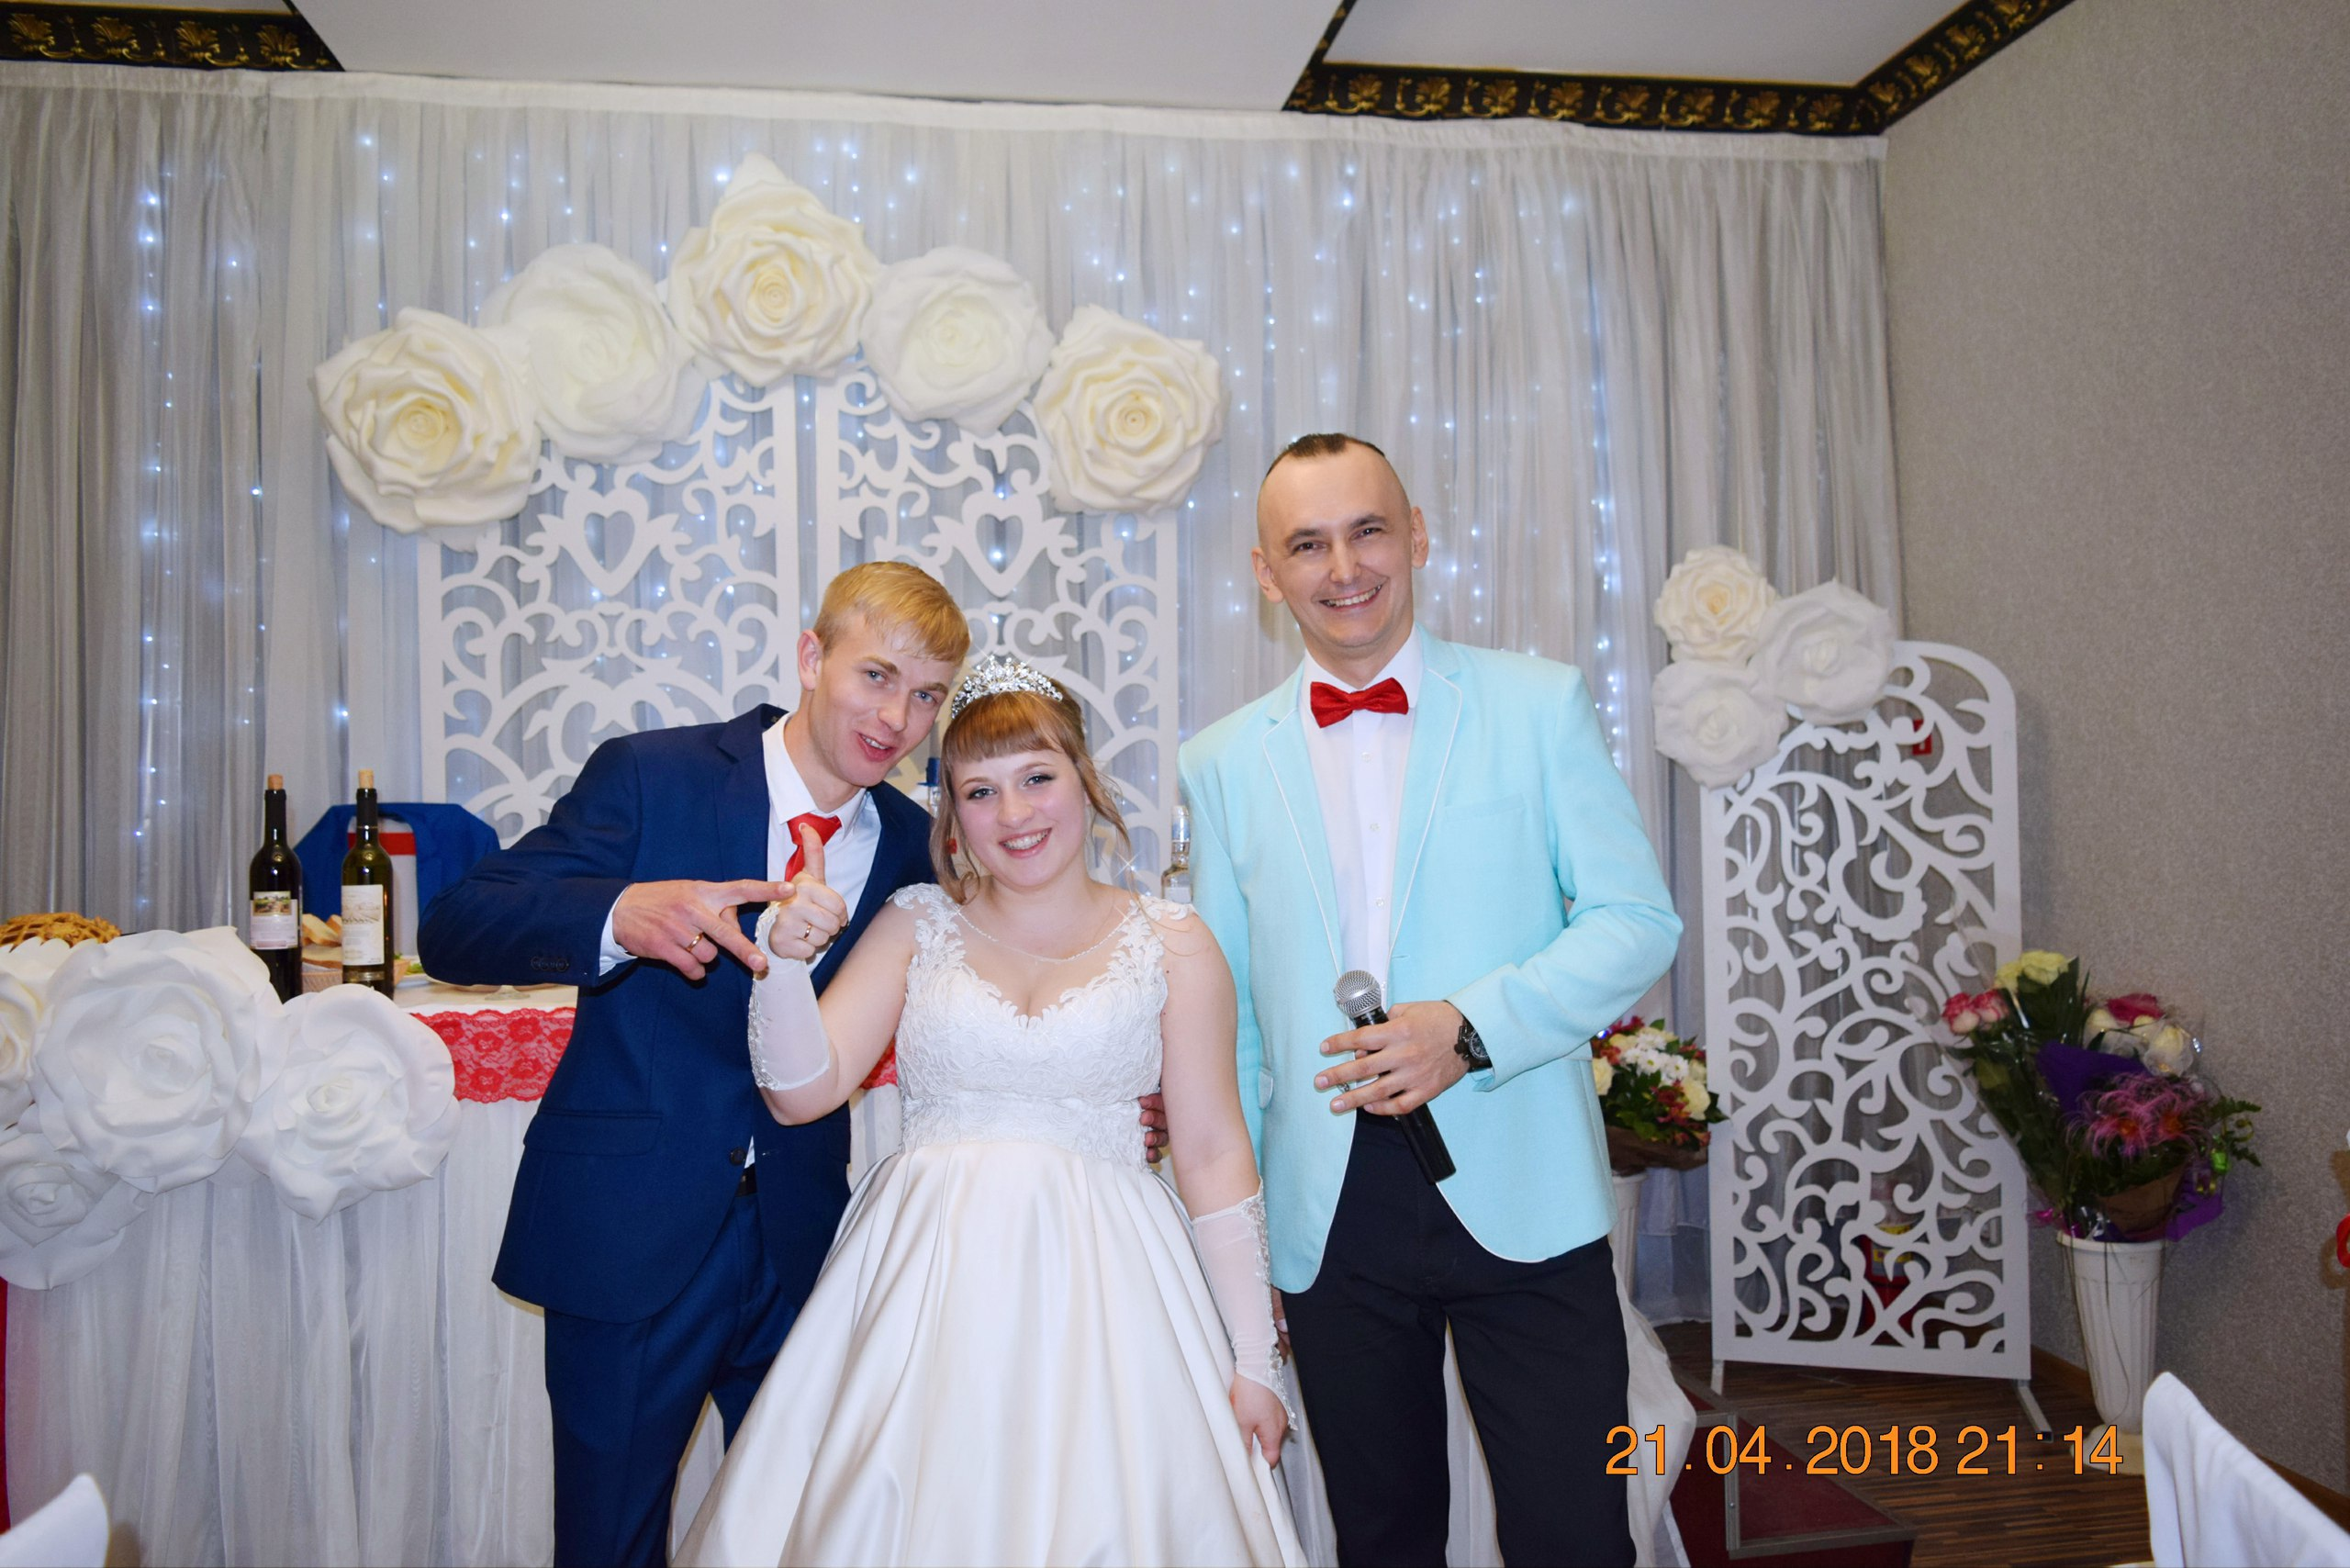 U ZIzSnExIM - Свадьба Андрея и Елены